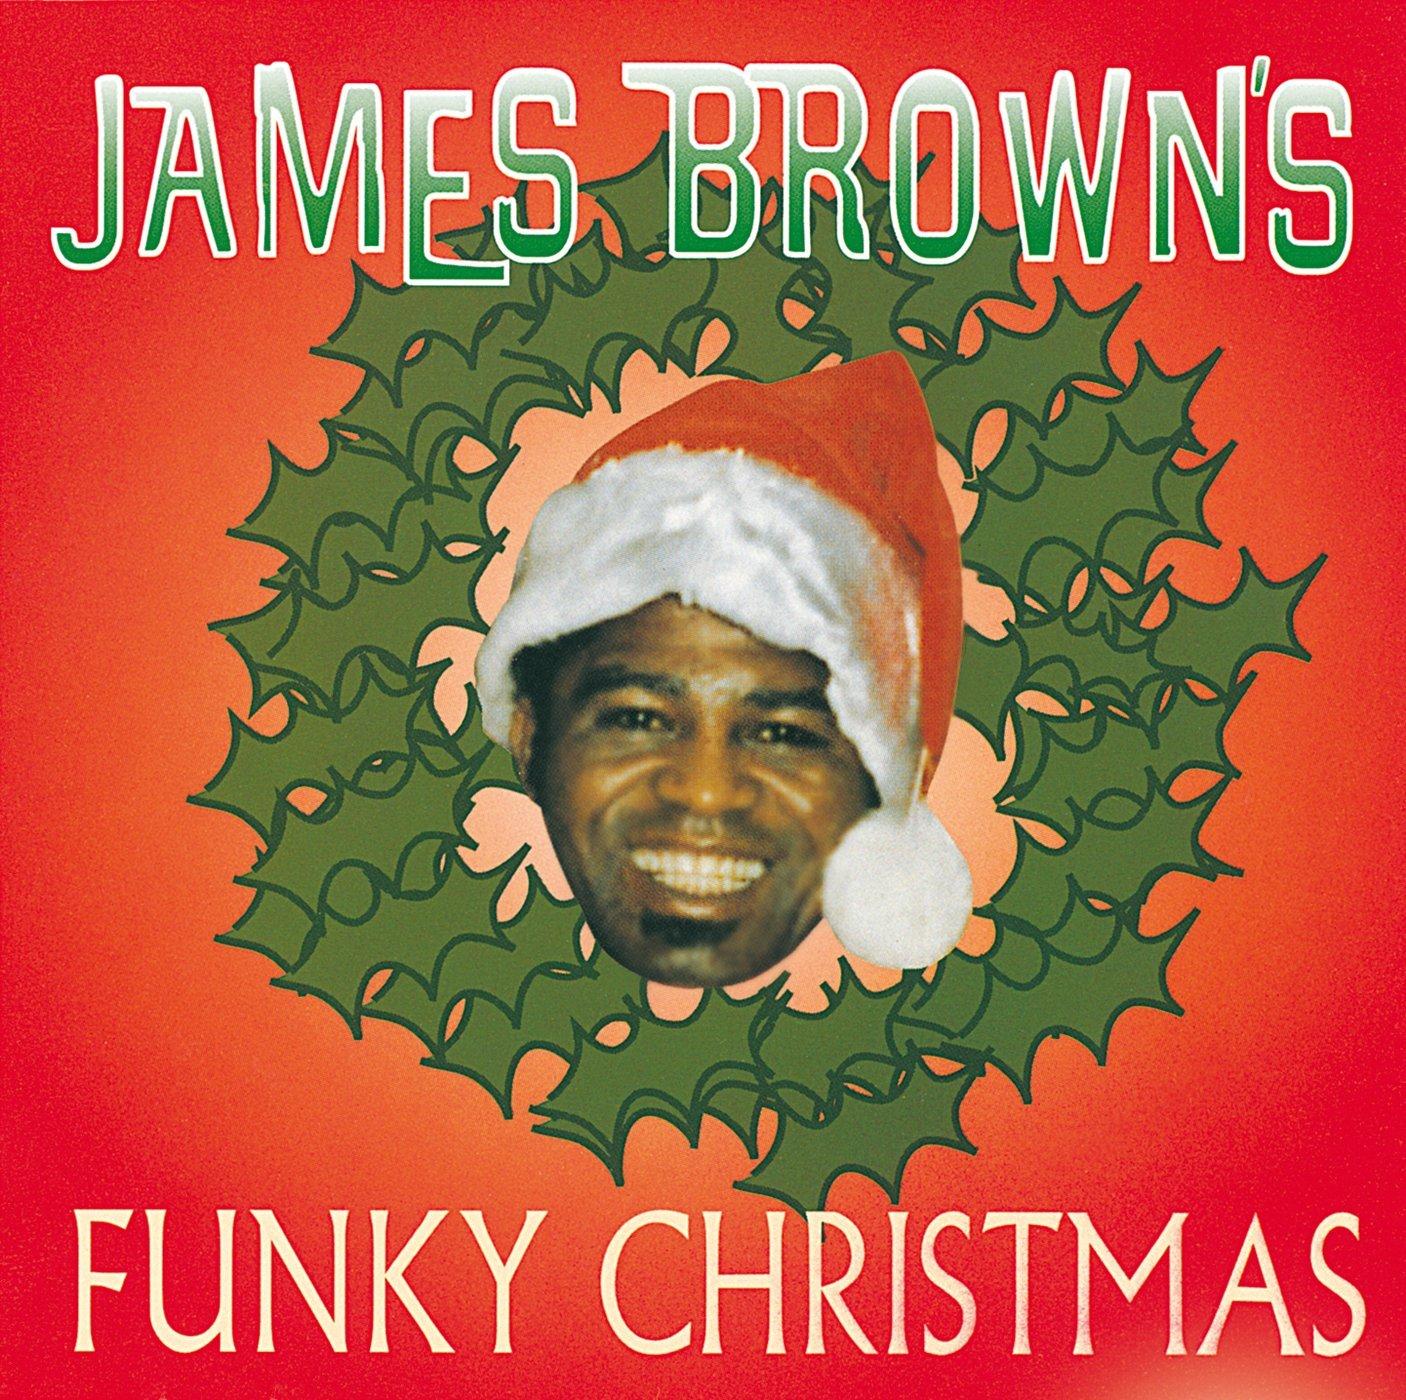 James Browns Funky Christmas